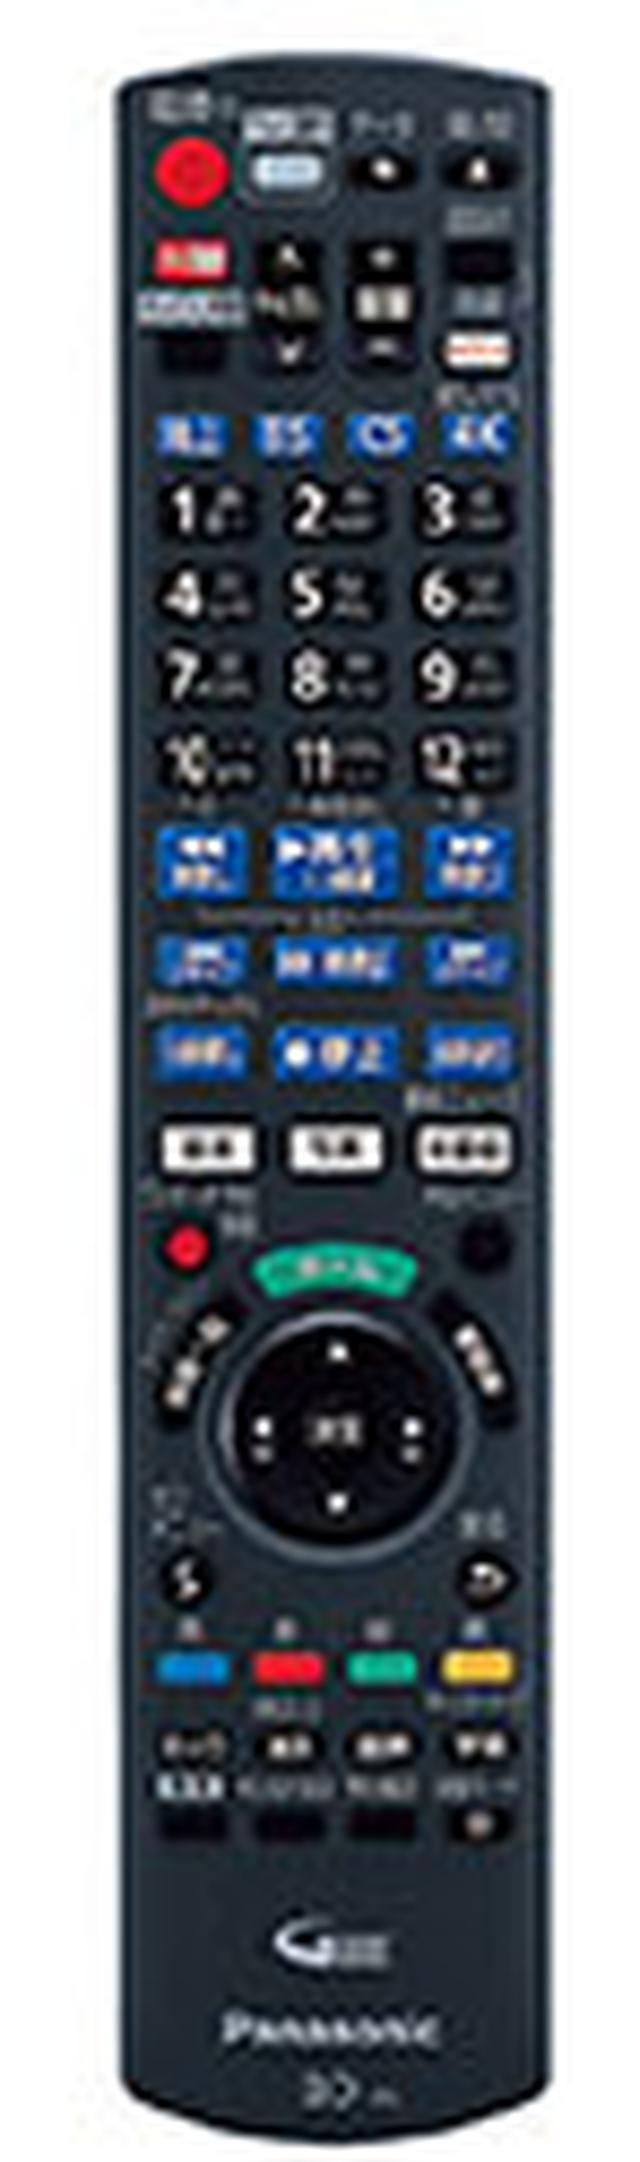 画像: リモコンのネット動画ダイレクトボタンは「Netflix」しかないが、「YouTube」「Amaoznプライム・ビデオ」のほか、「U-NEXT」などにも対応している。